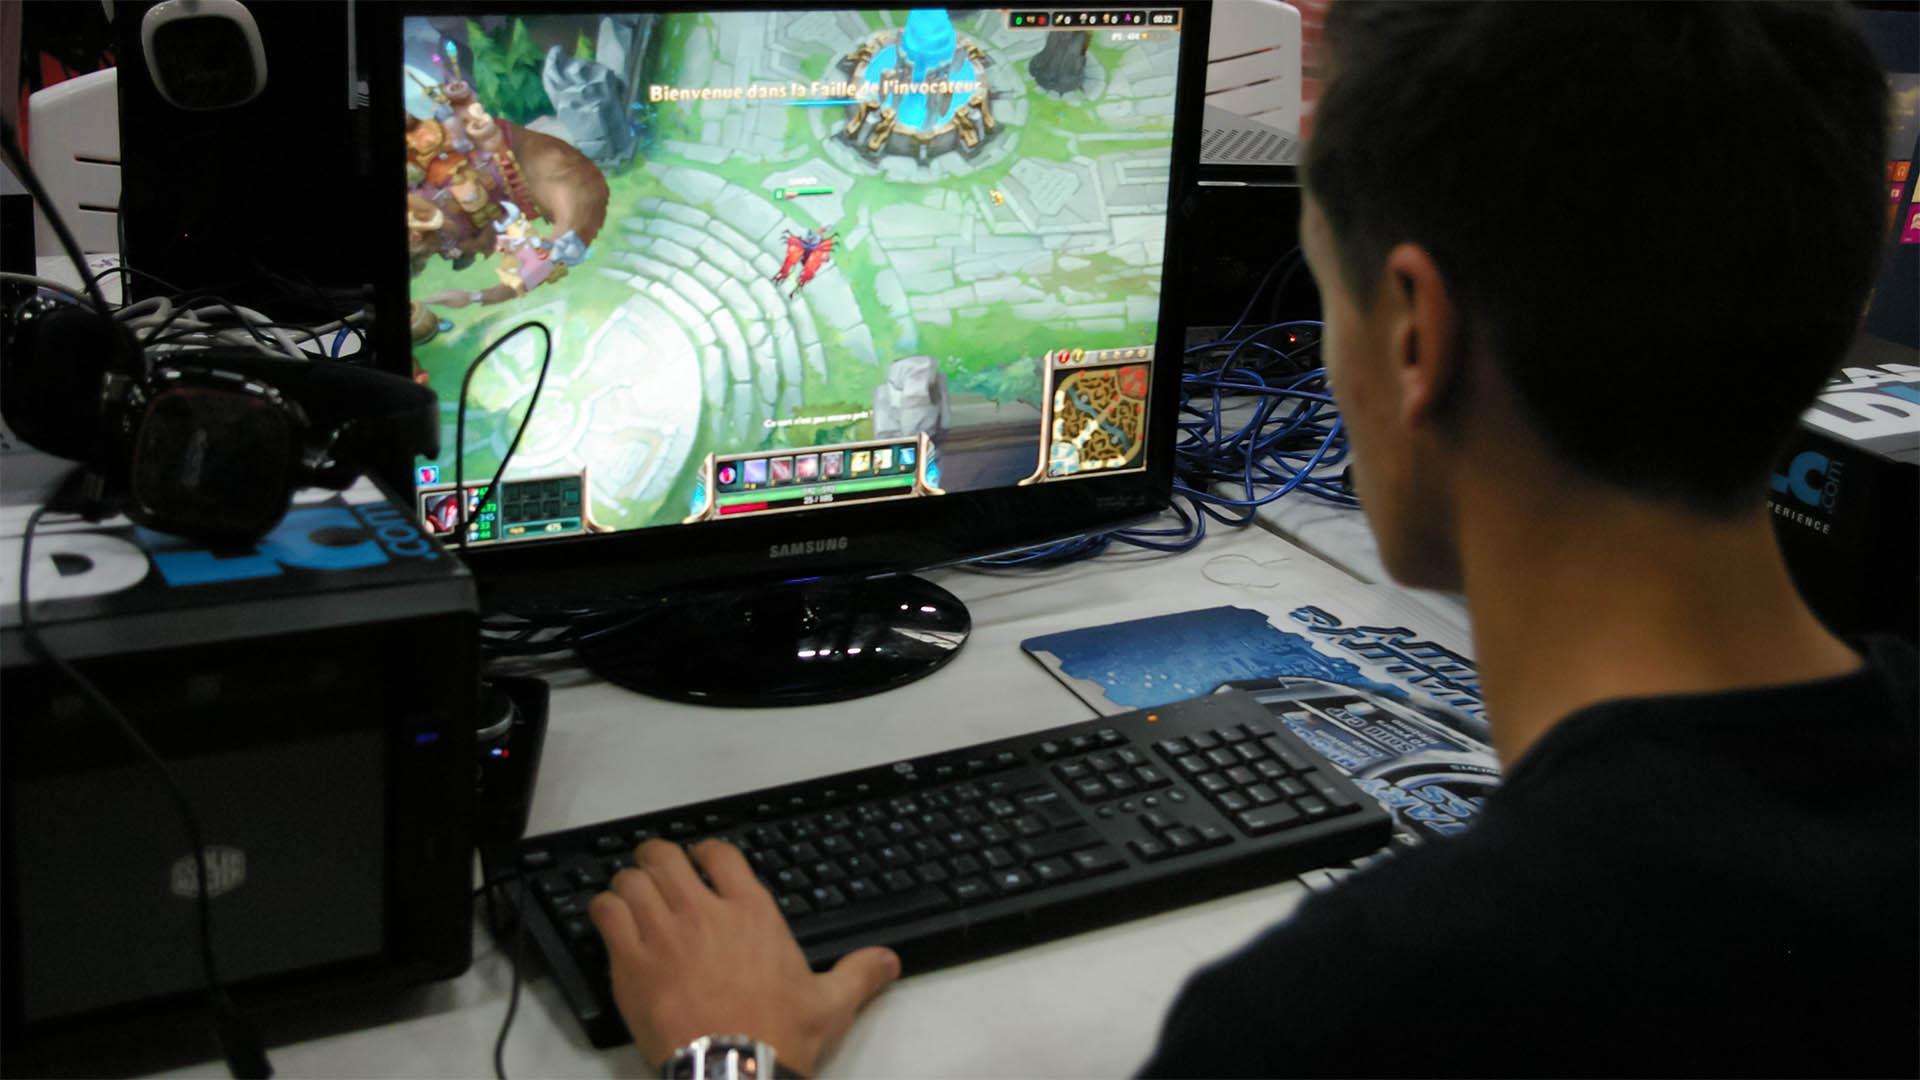 Neben der Drogensucht ist auch die Computerspielsucht ein verbreitetes Problem unter jungen Menschen